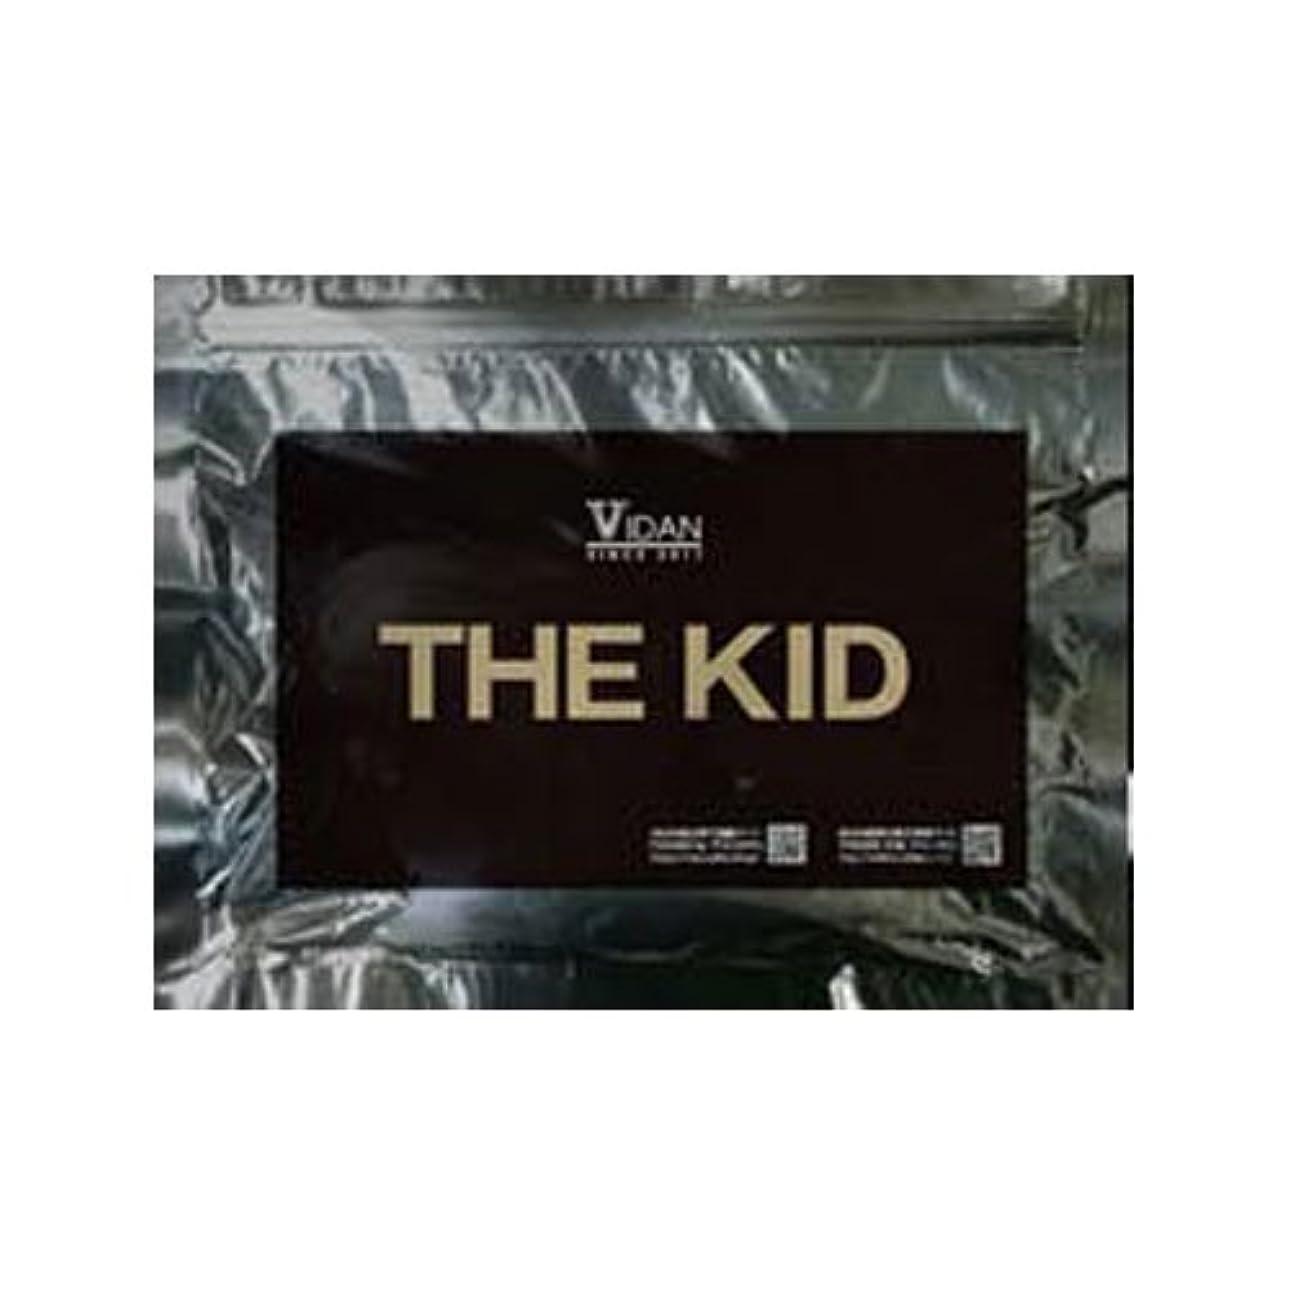 バーマド気配りのある工業化する:ビダンザキッド VIDAN THE KID 20枚入り